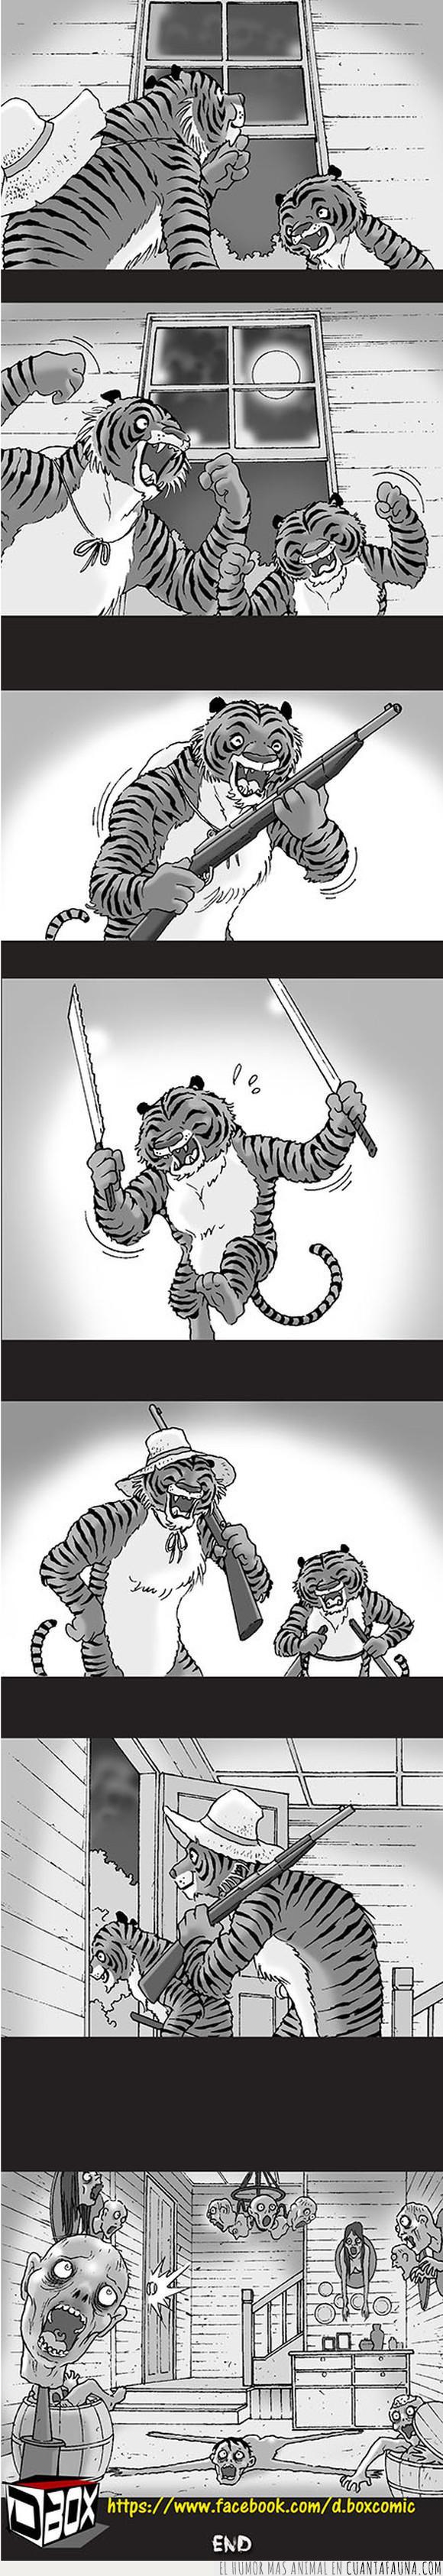 caza,cazar,humanos,tigres